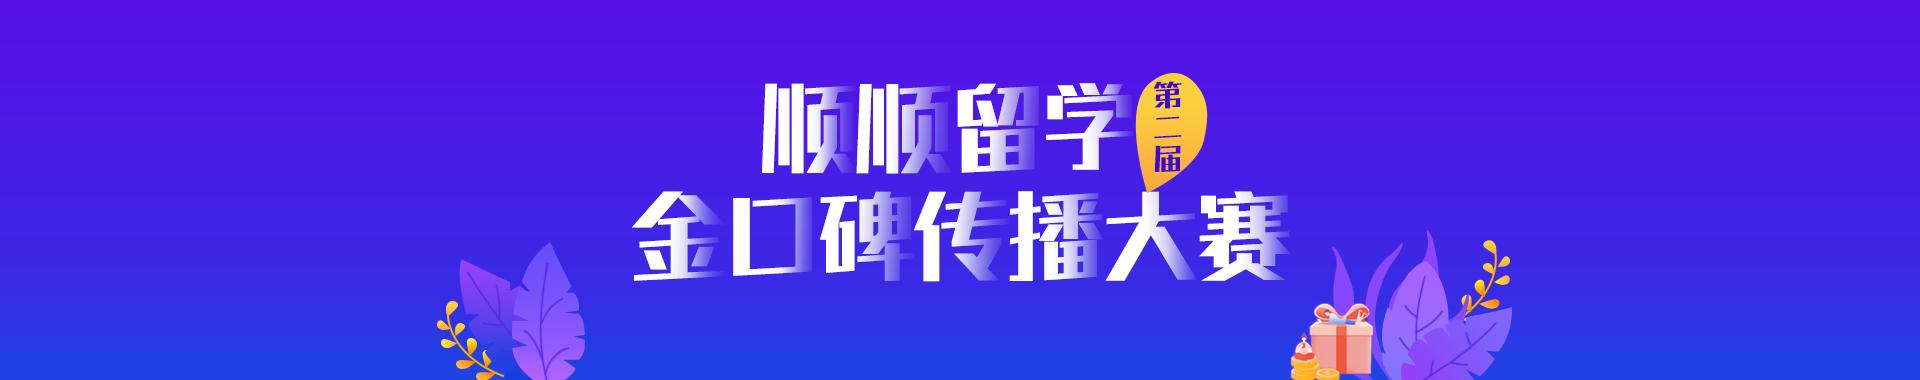 最新活动 | 第二届顺顺留学金口碑传播大赛!